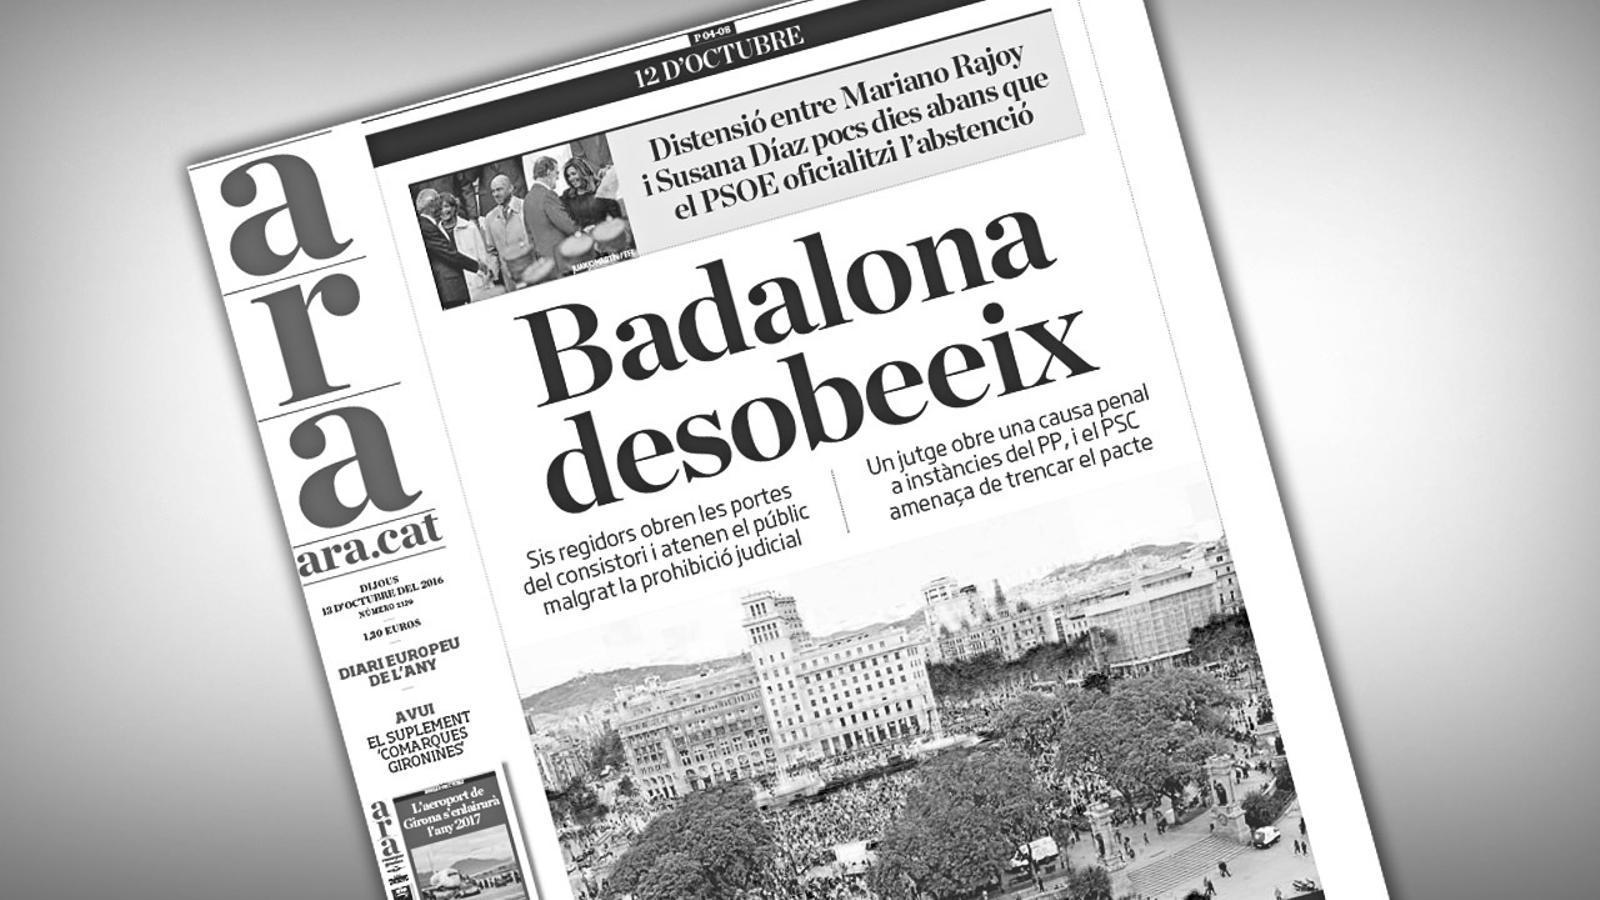 L'anàlisi d'Antoni Bassas: 'L'escopeta nacional'